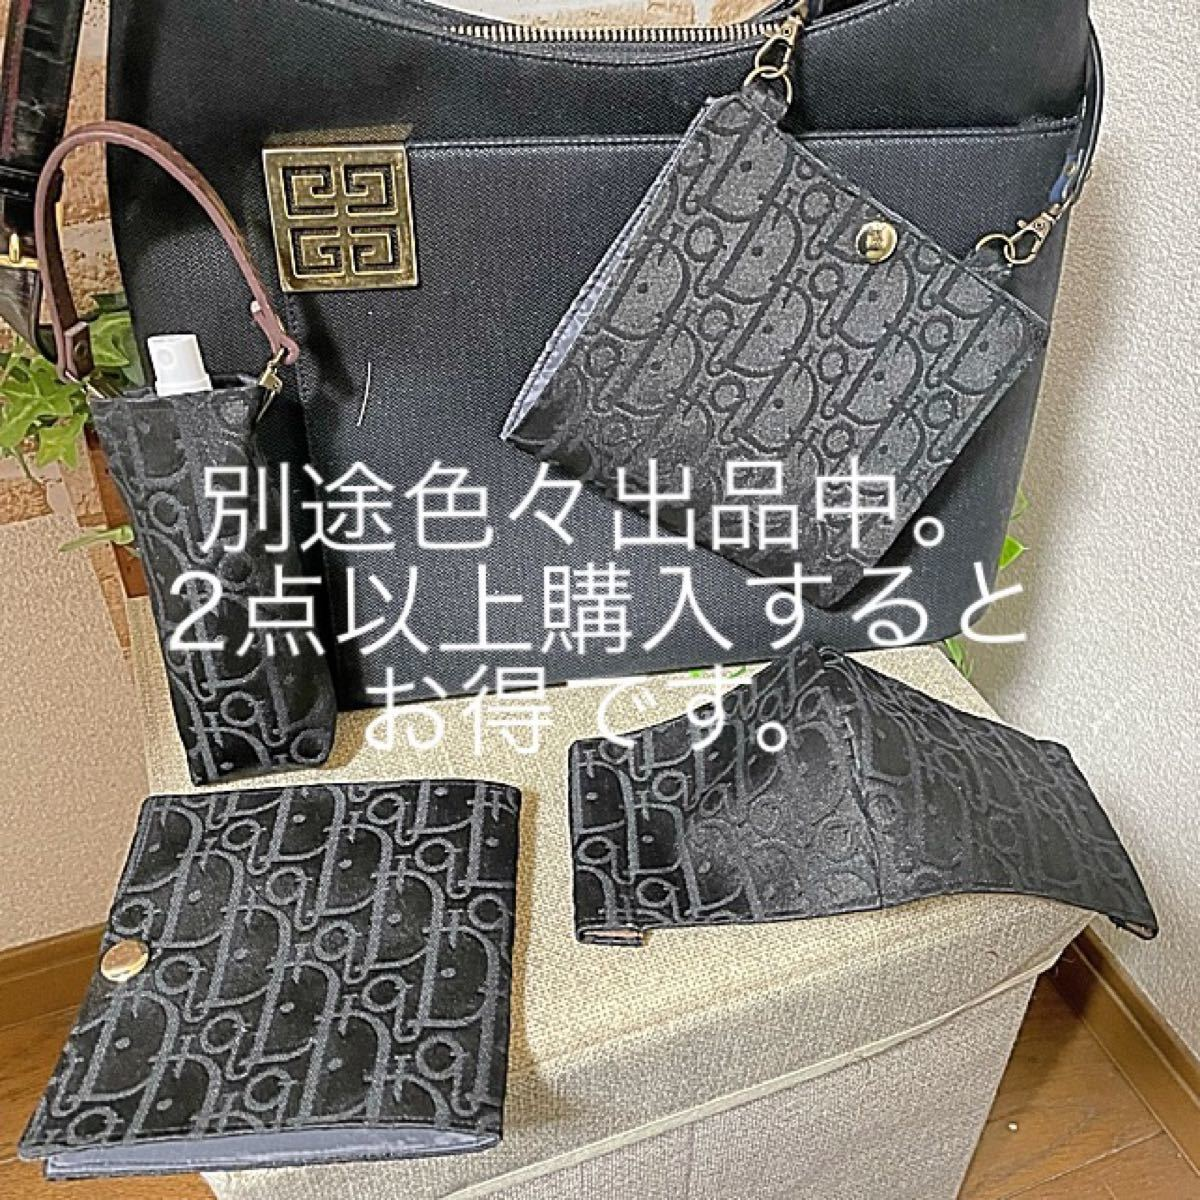 ケース【ハンドバッグ型】ハンドメイド